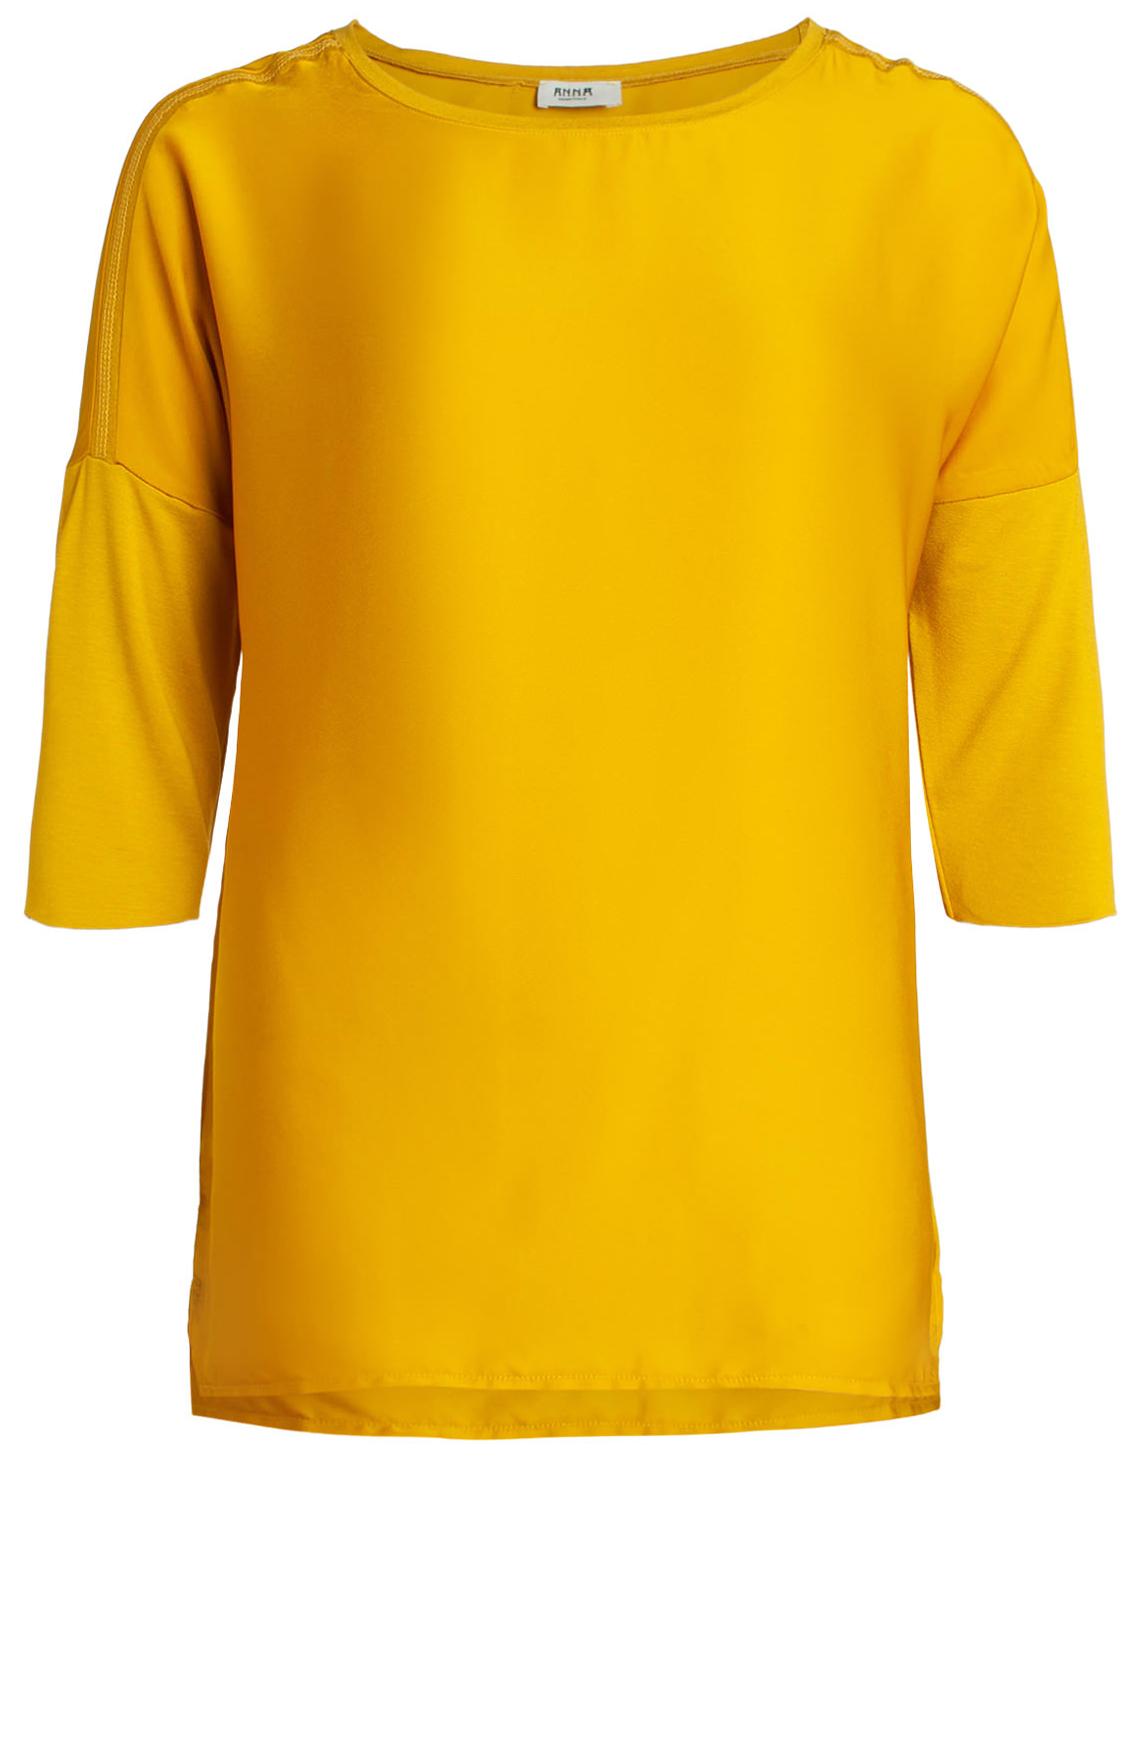 Anna Dames Materiaalmix shirt geel